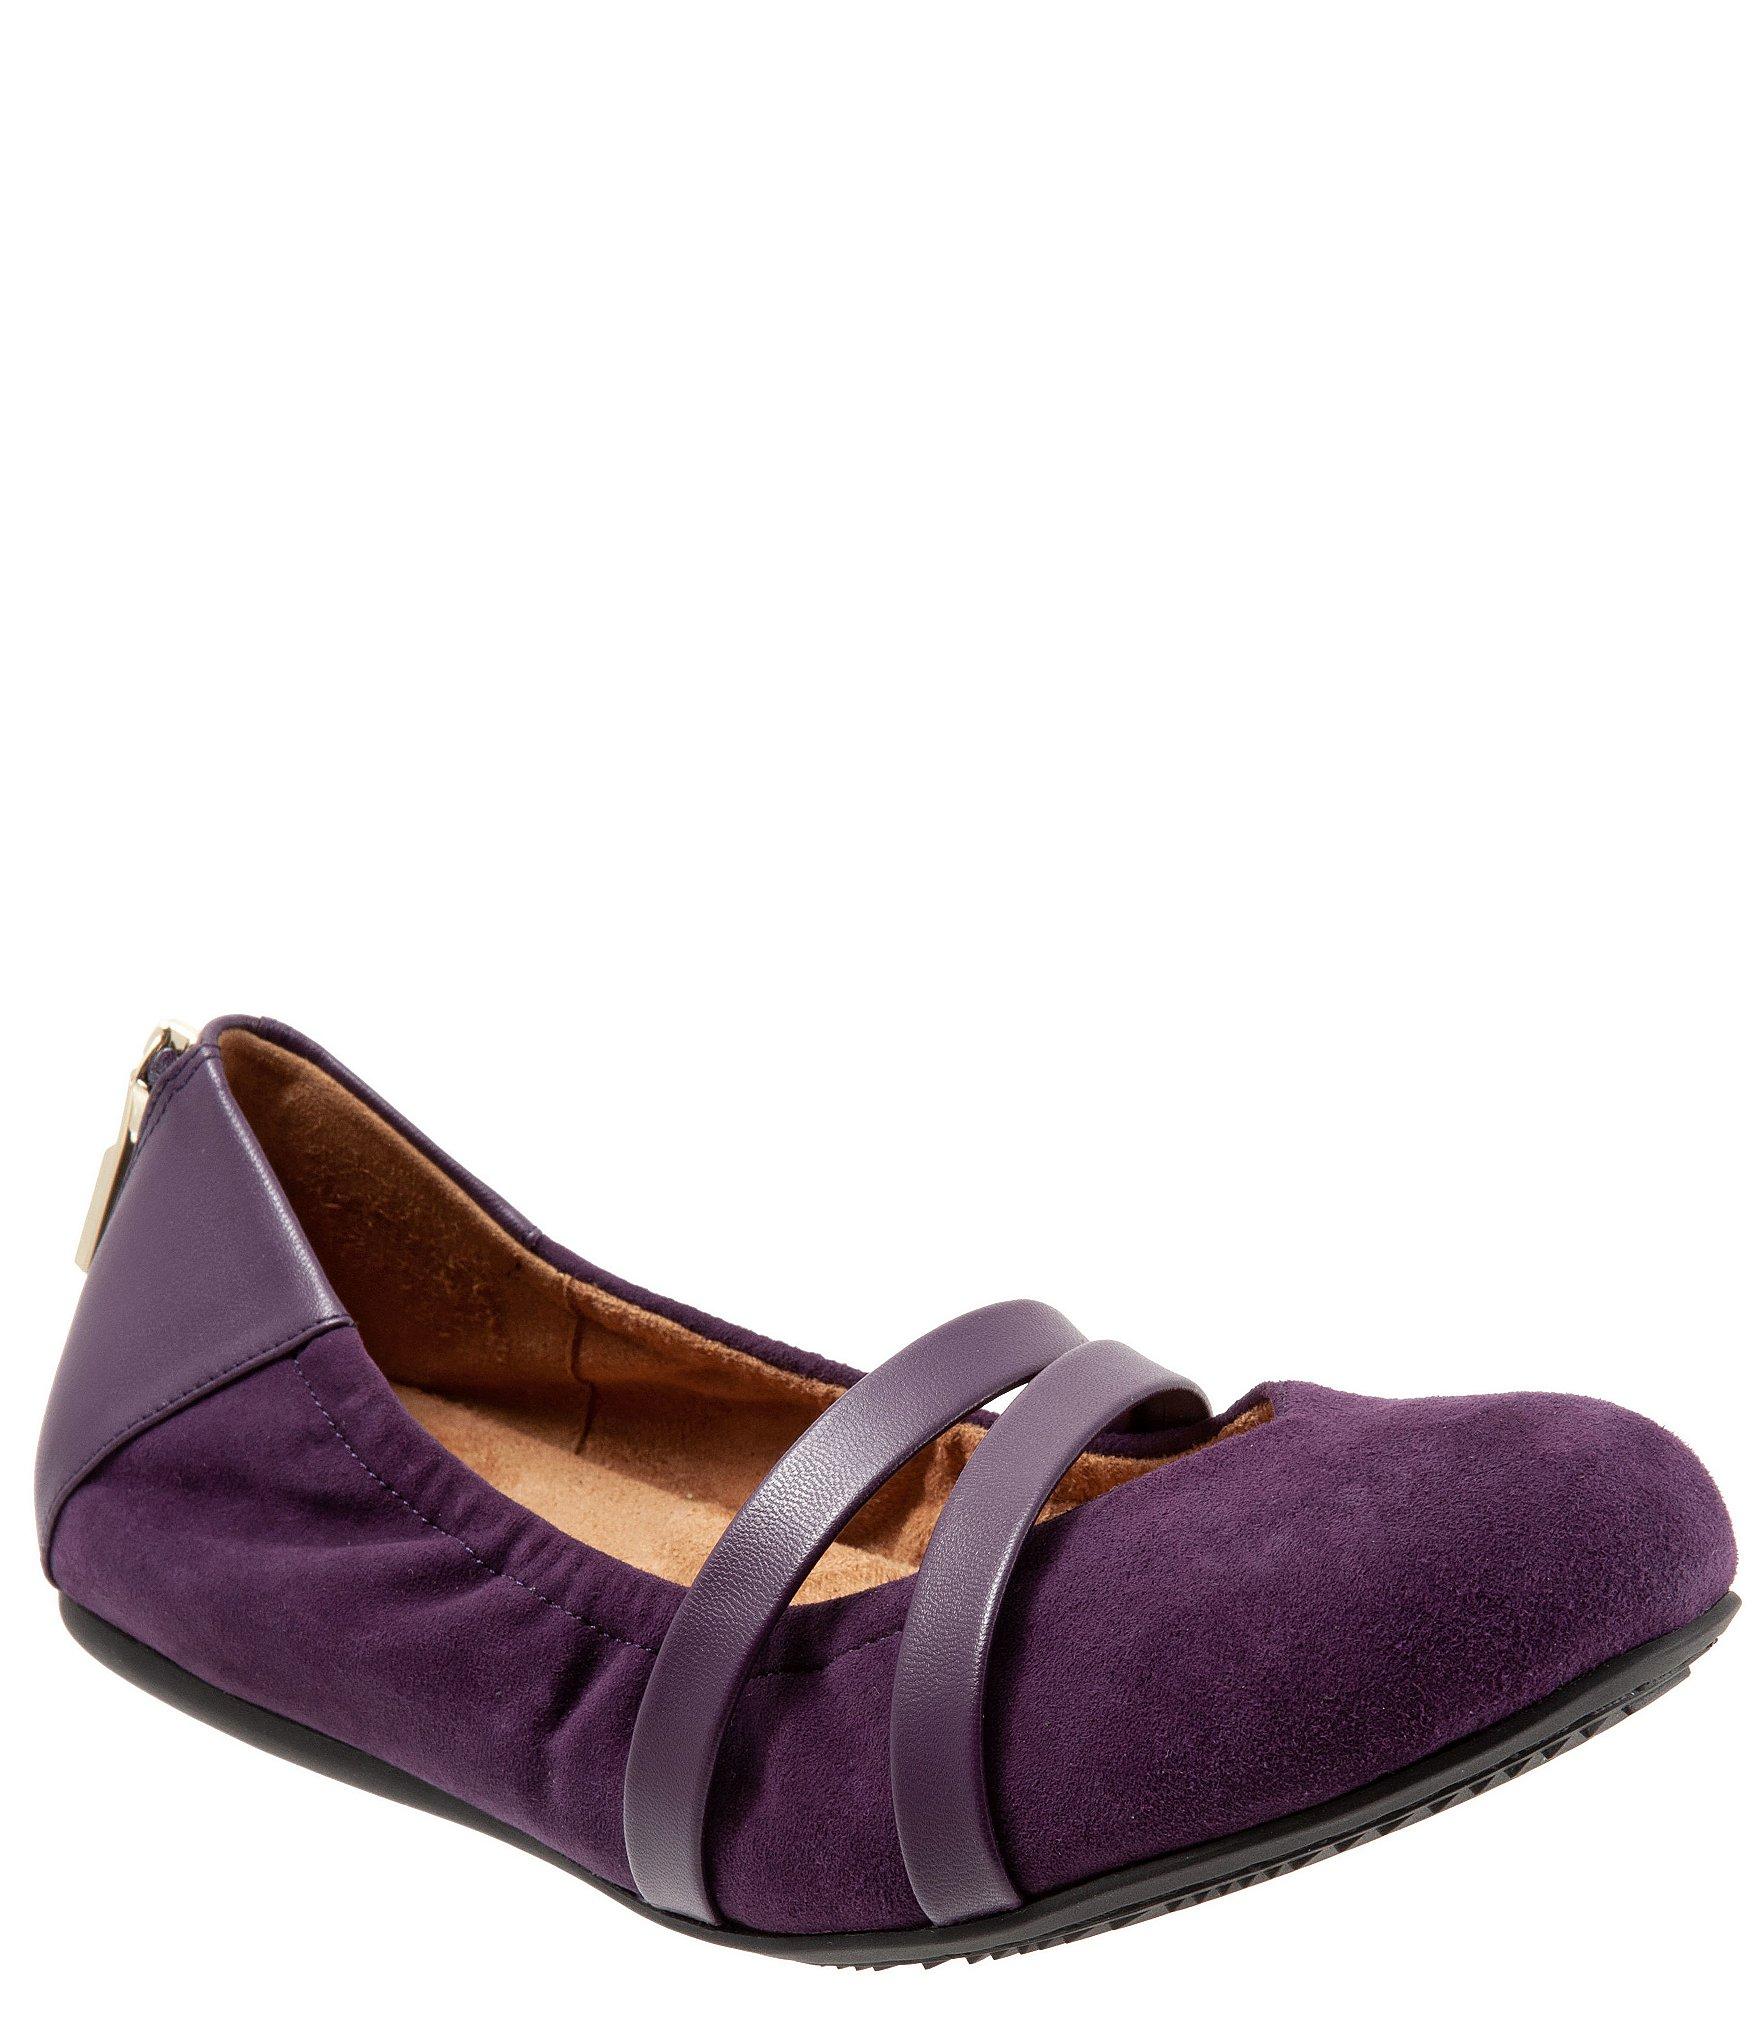 Purple Women's Wide Width Shoes | Dillard's